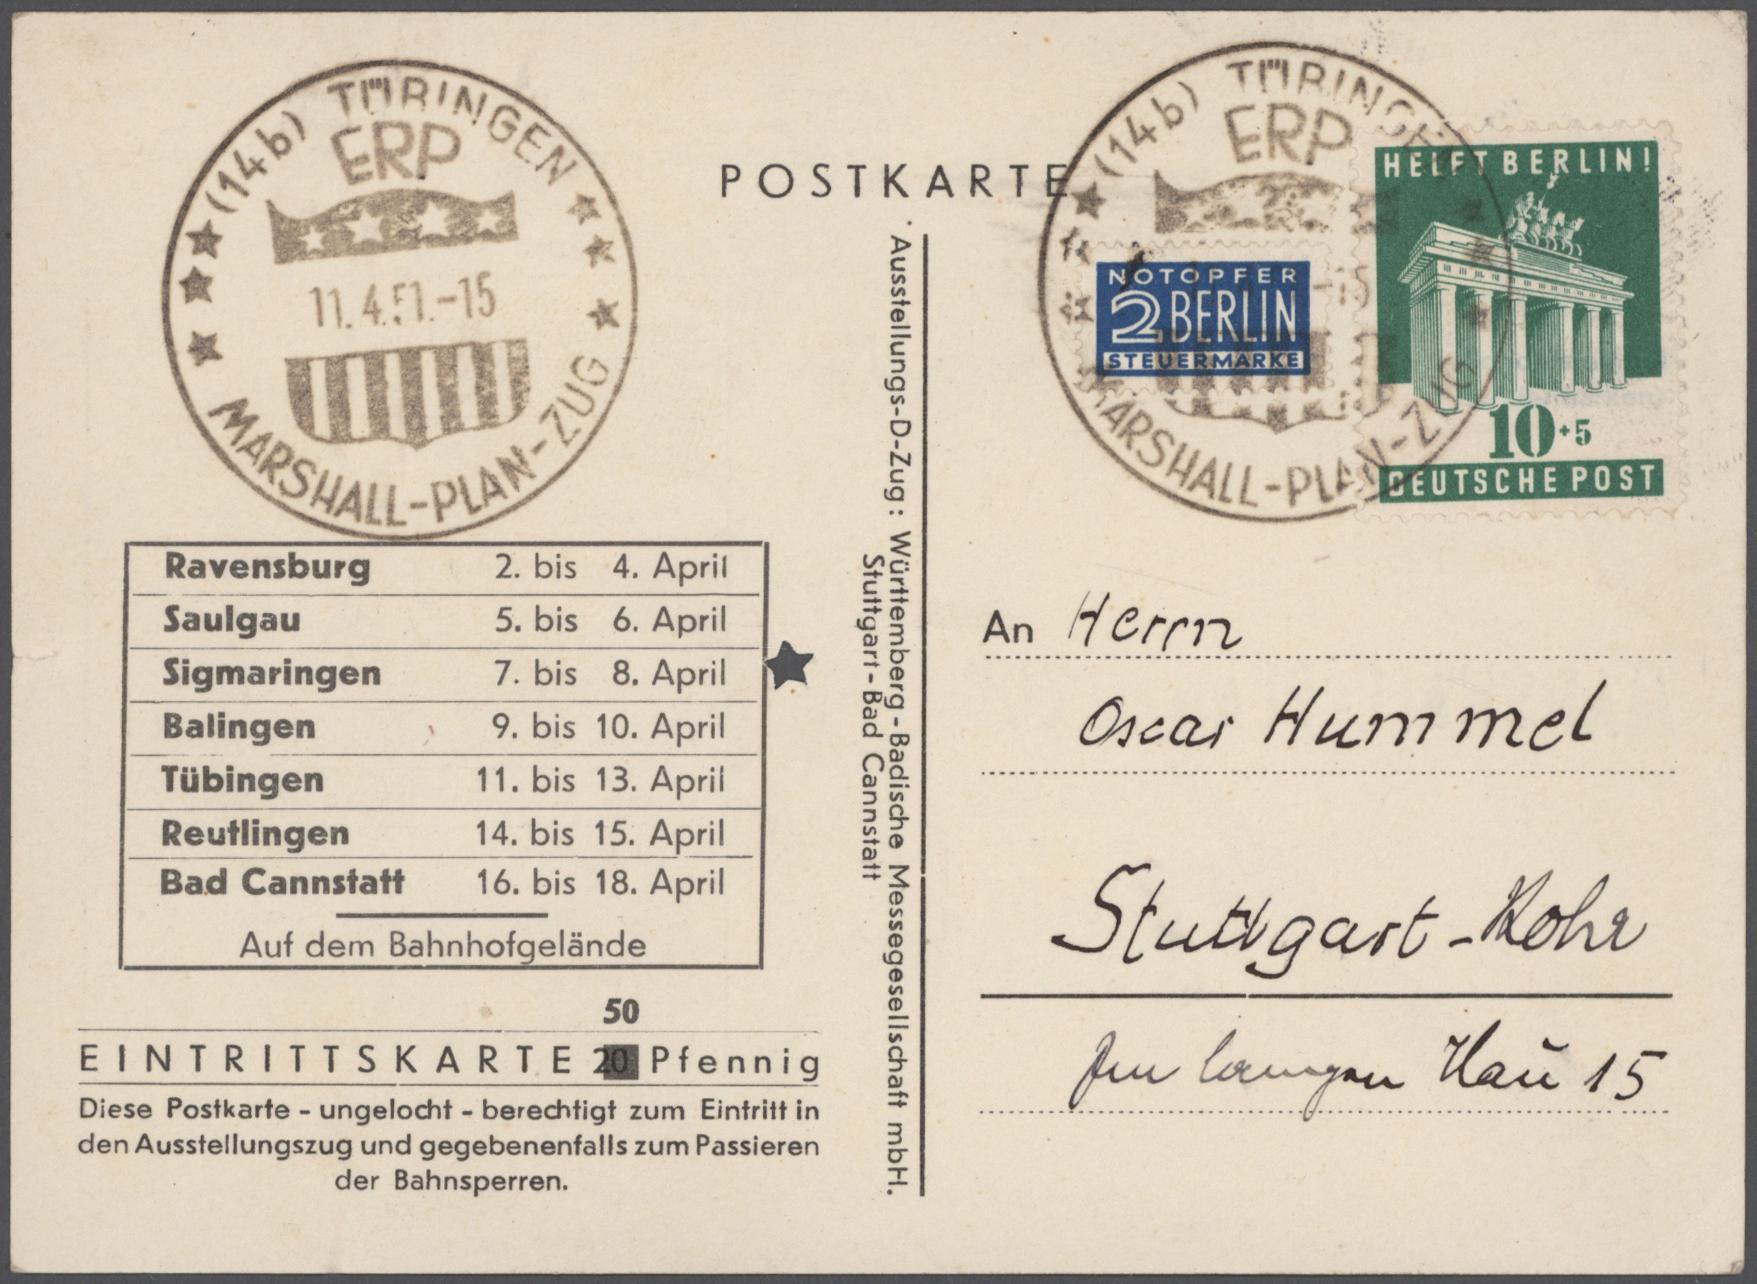 Lot 24425 - bundesrepublik deutschland  -  Auktionshaus Christoph Gärtner GmbH & Co. KG 50th Auction Anniversary Auction - Day 7